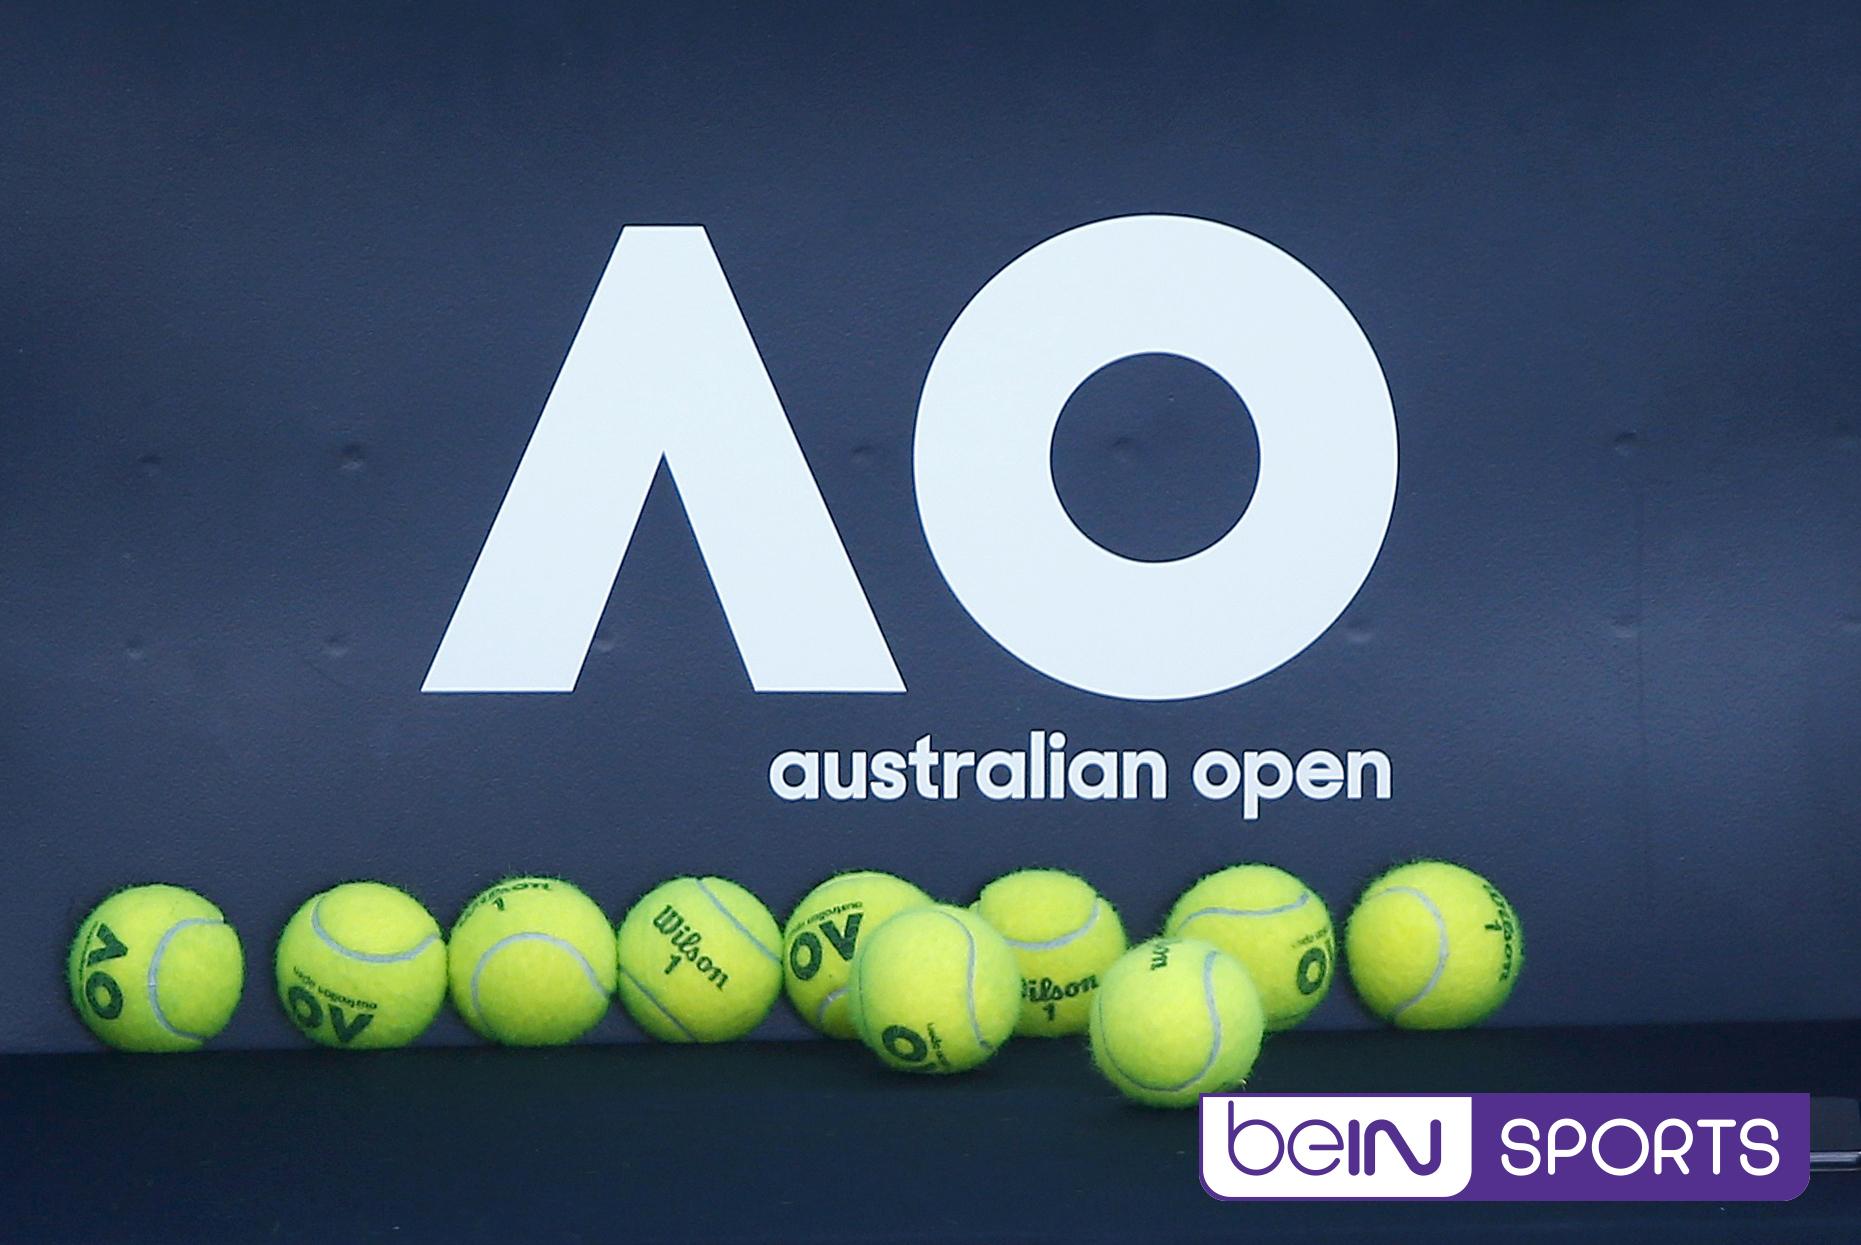 احتمال تعویق مسابقات تنیس اوپن استرالیا در سال ۲۰۲۱